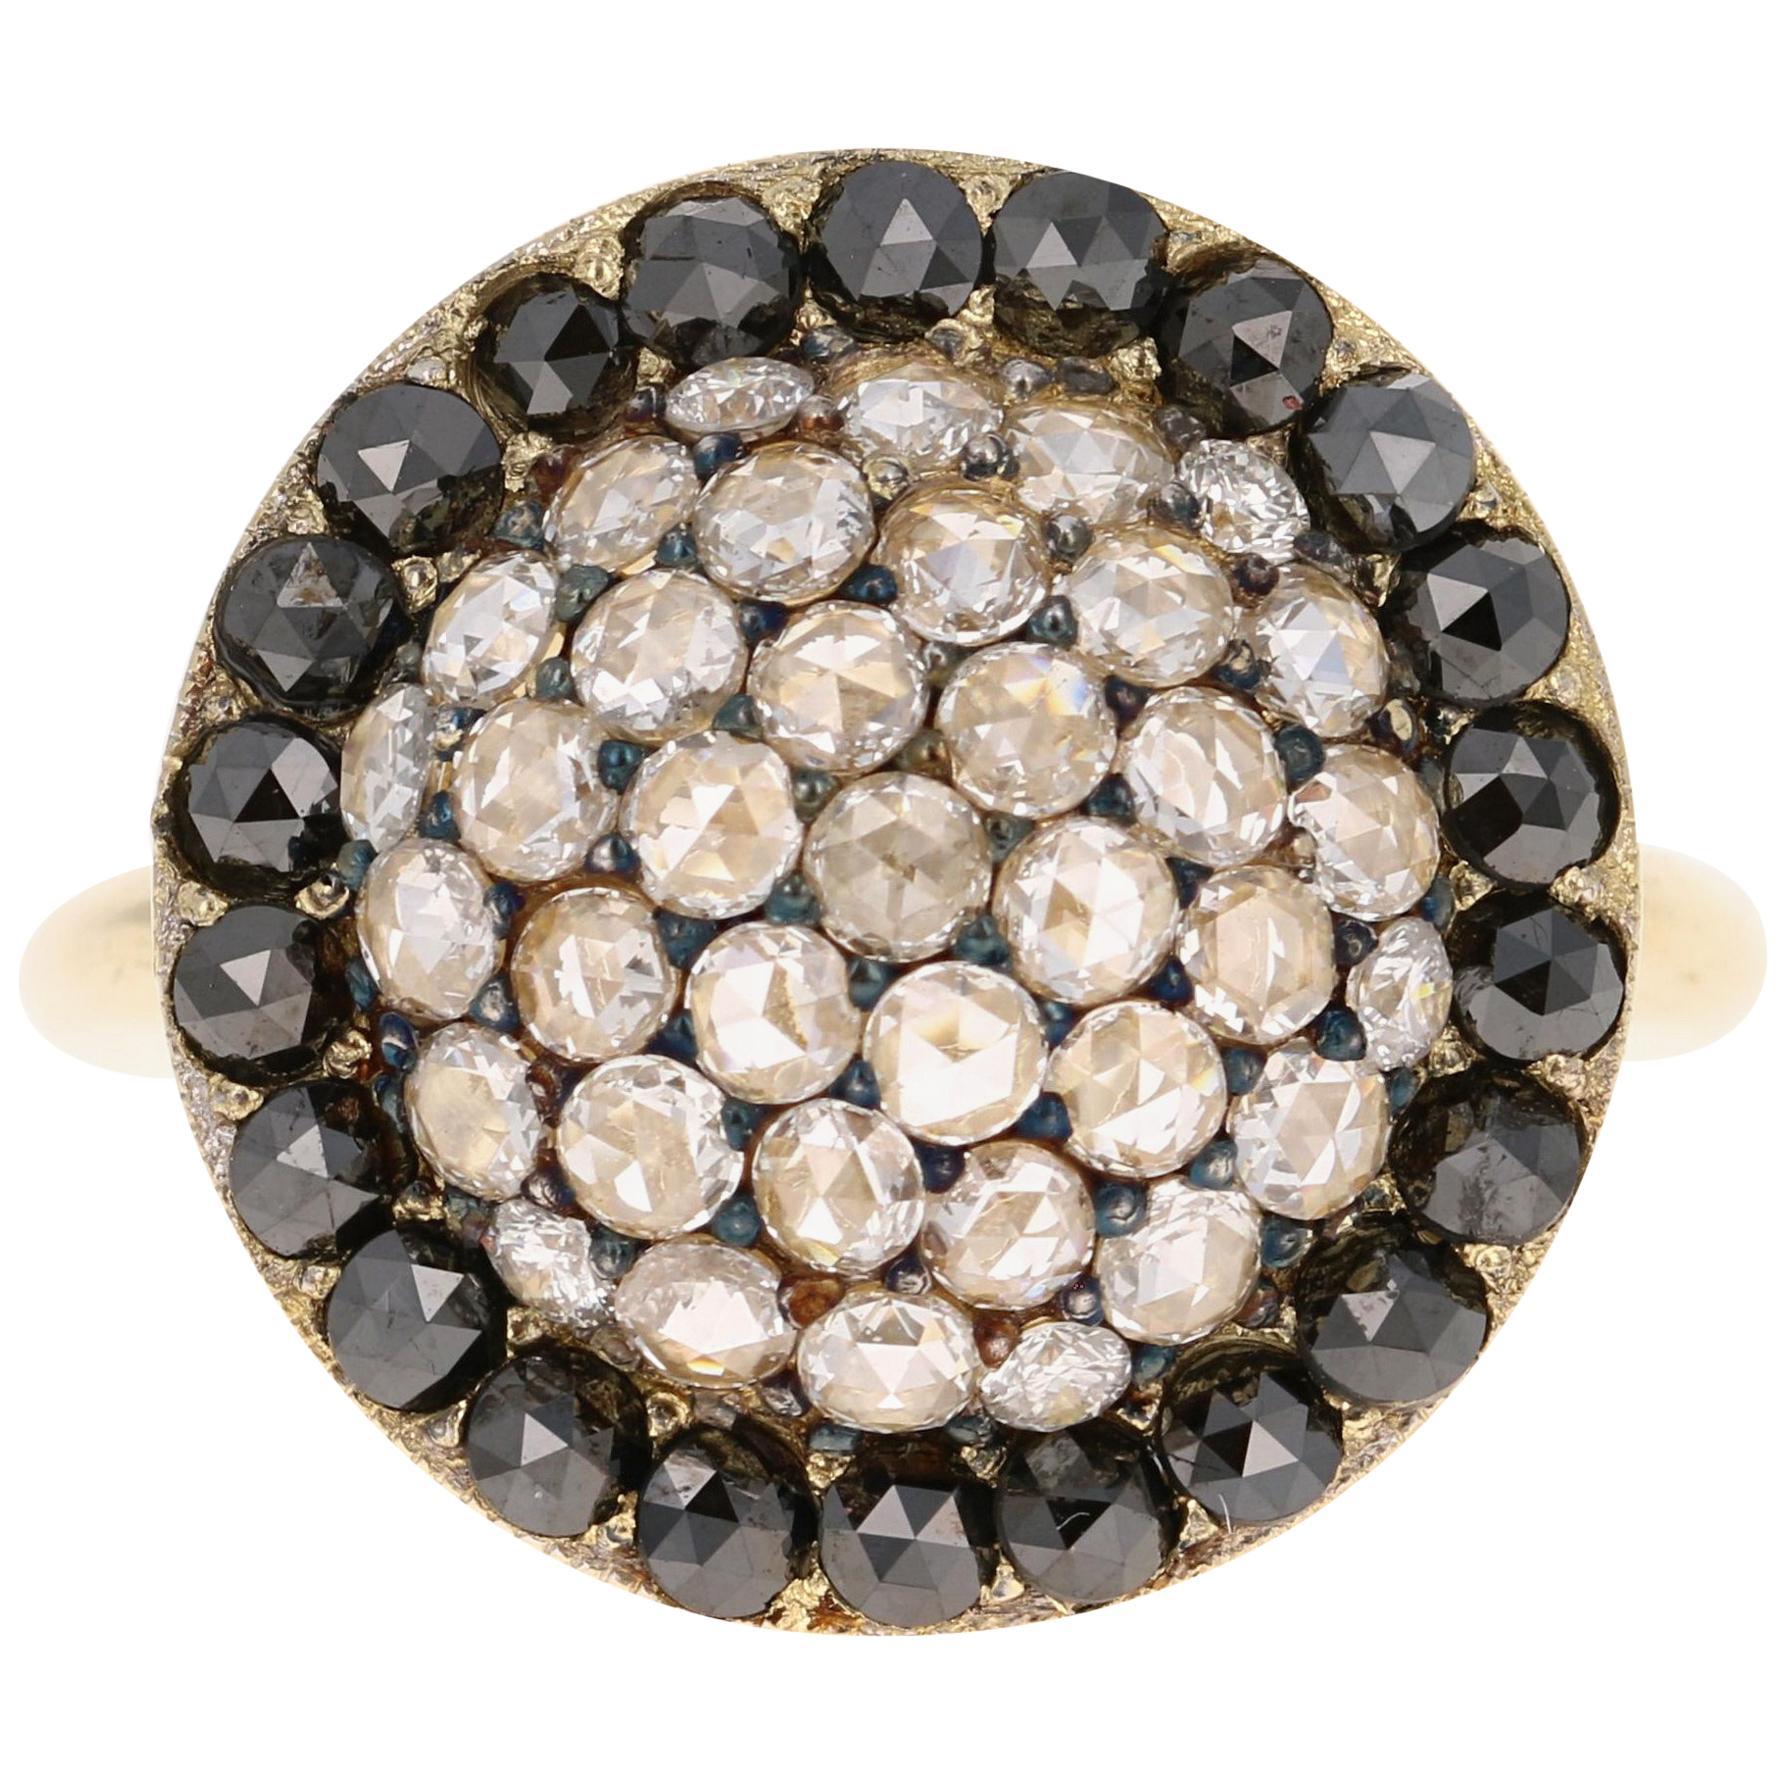 1.56 Carat Black and White Rose Cut Diamond Cocktail Ring 18 Karat Yellow Gold